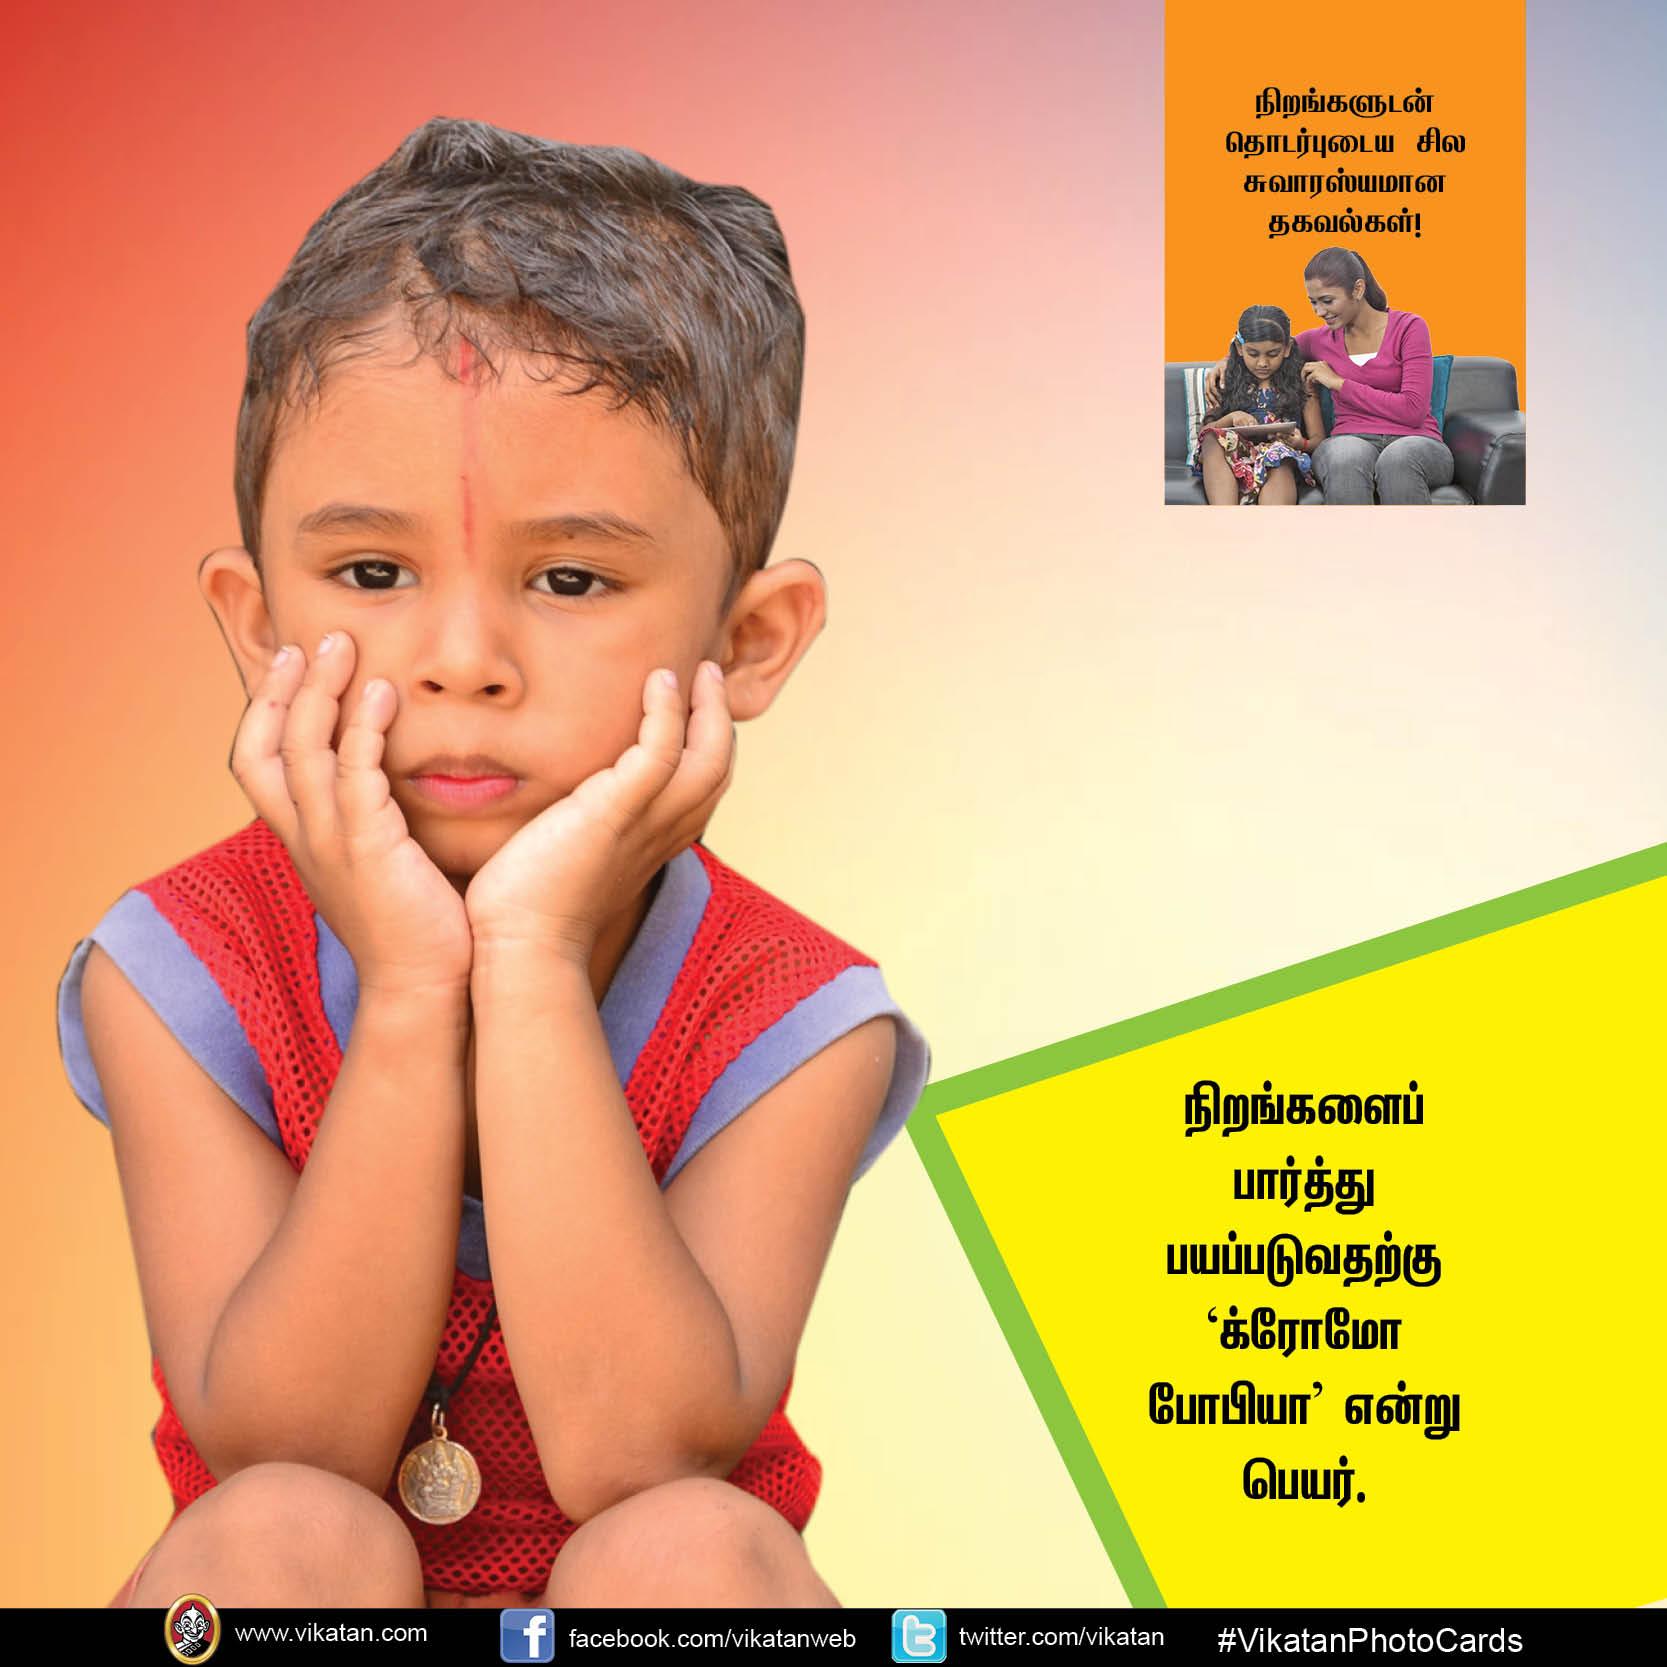 நிறங்கள் பற்றி குழந்தைகள் அறிய வேண்டிய 12 சுவாரஸ்யங்கள்! #Vikatan PhotoCards